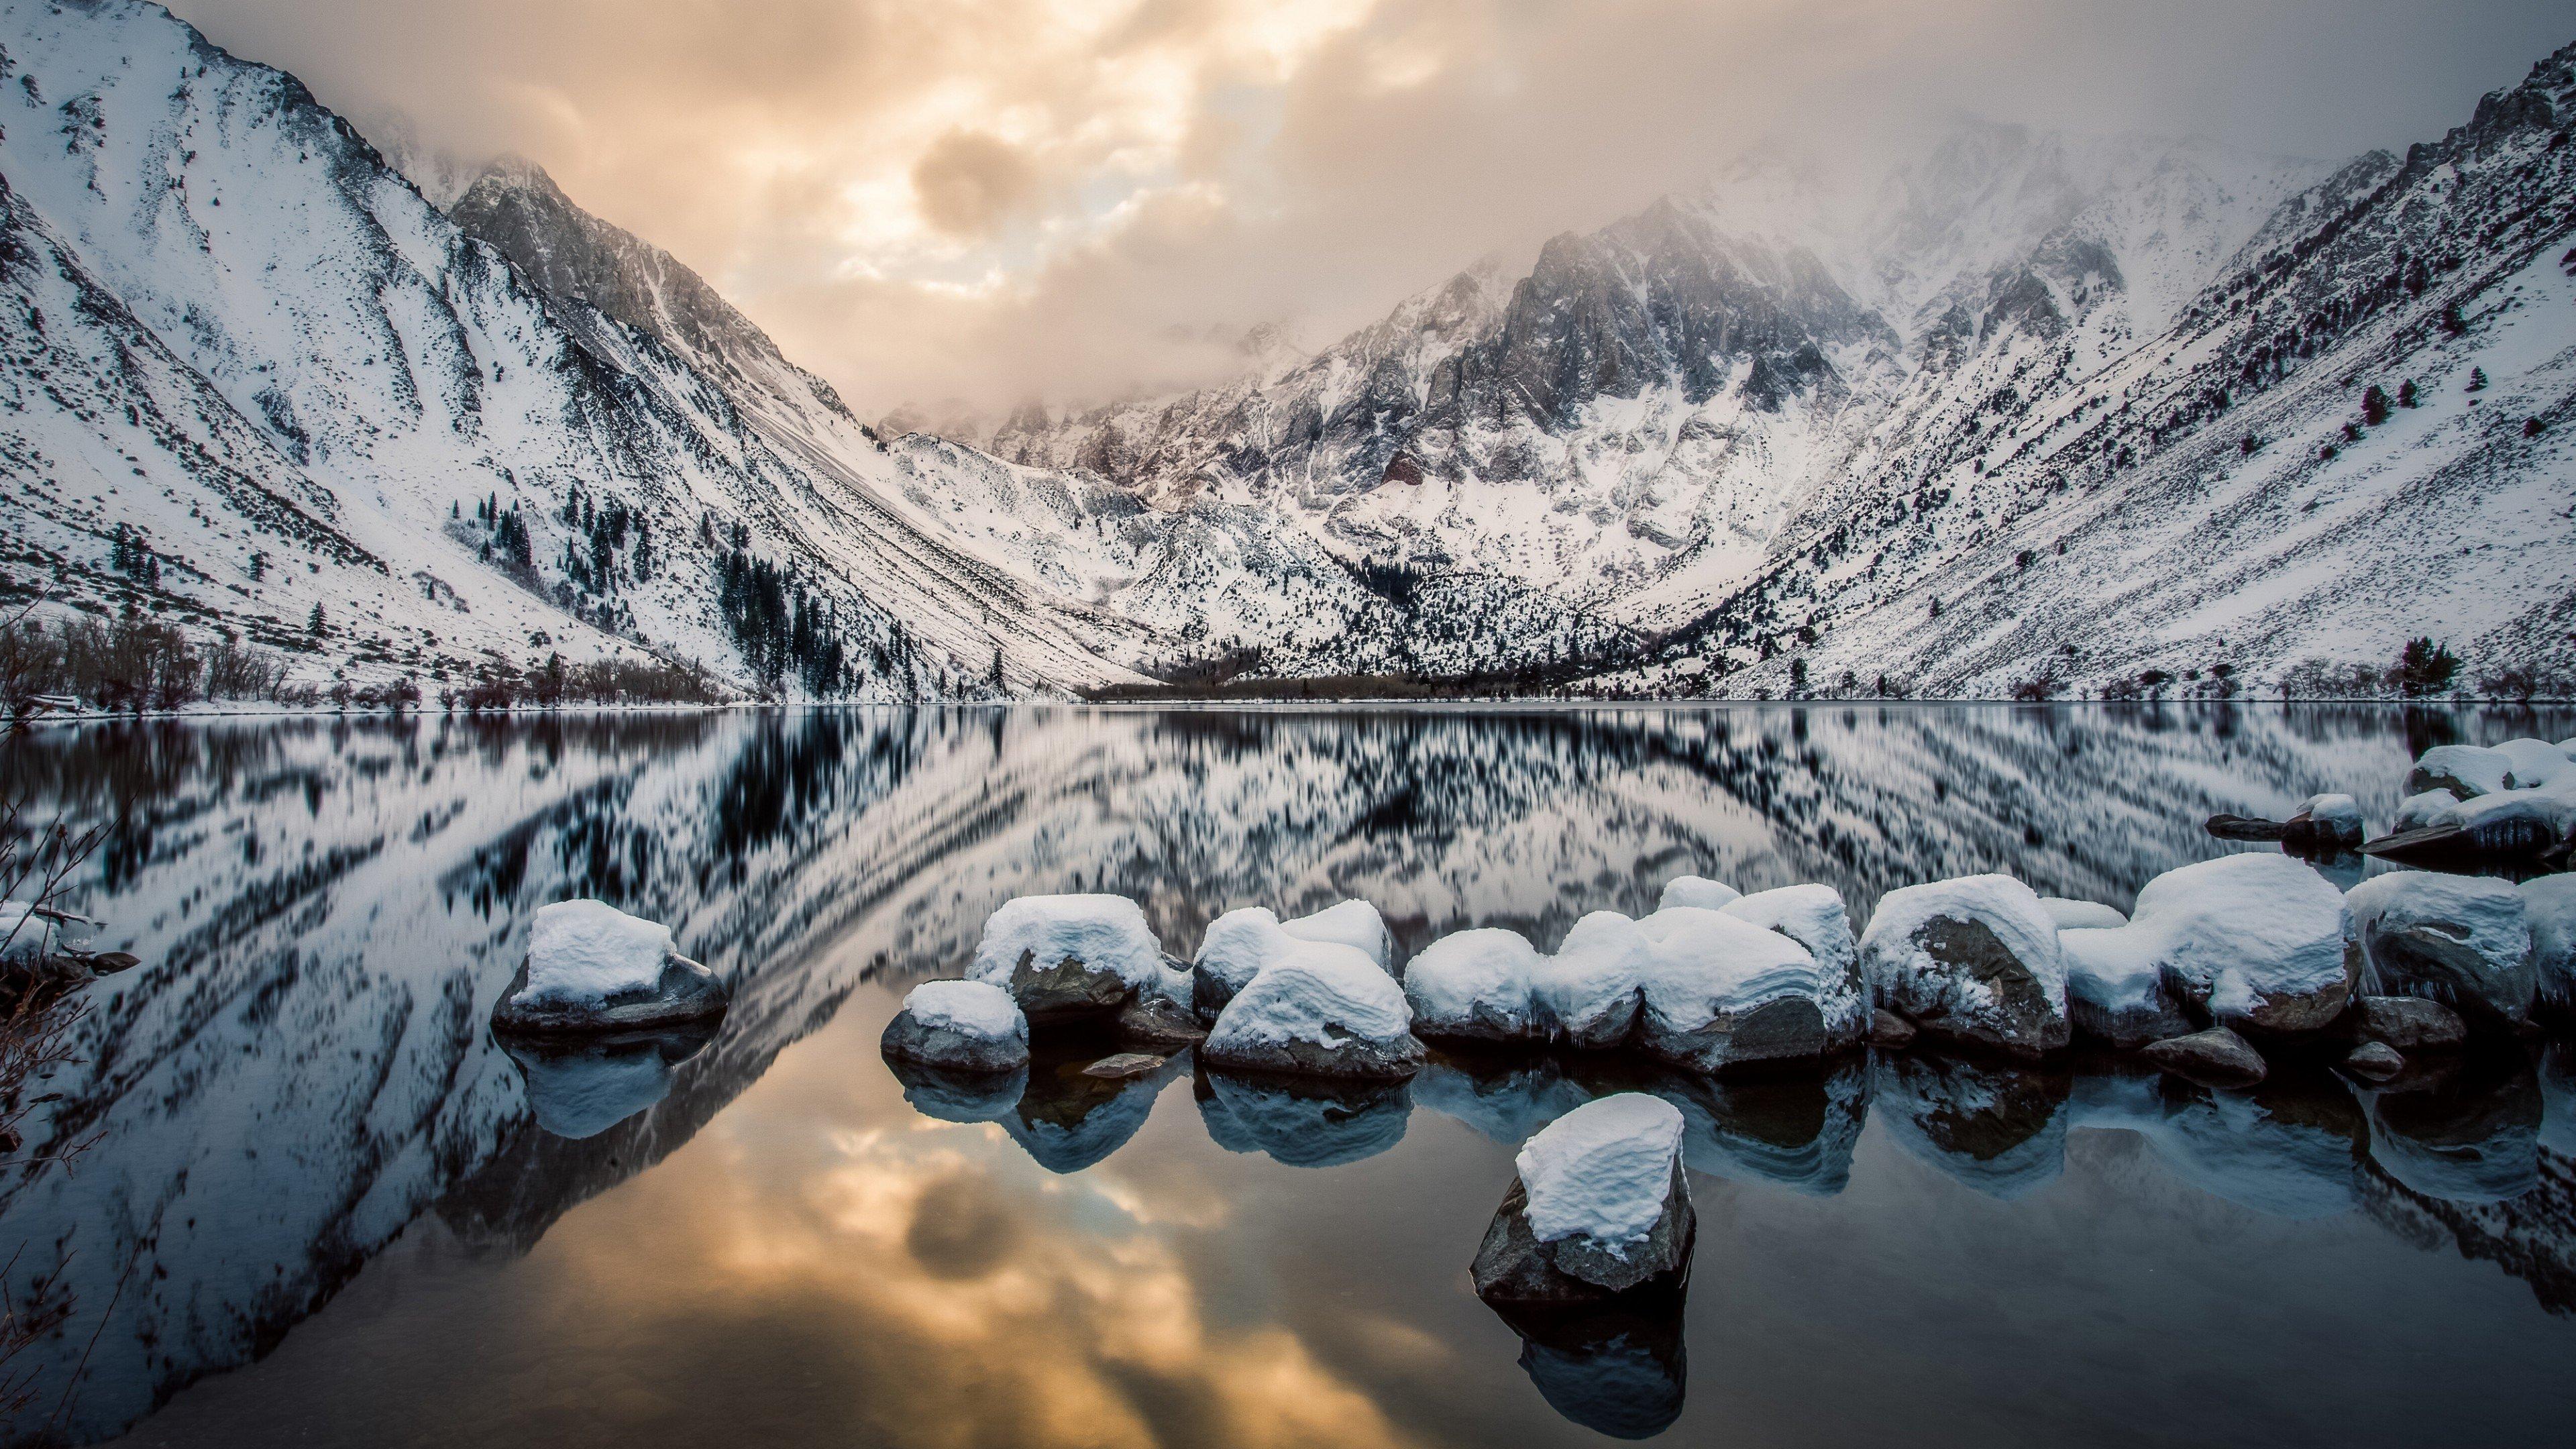 Fondos de pantalla Montañas con nieve en cielo nublado